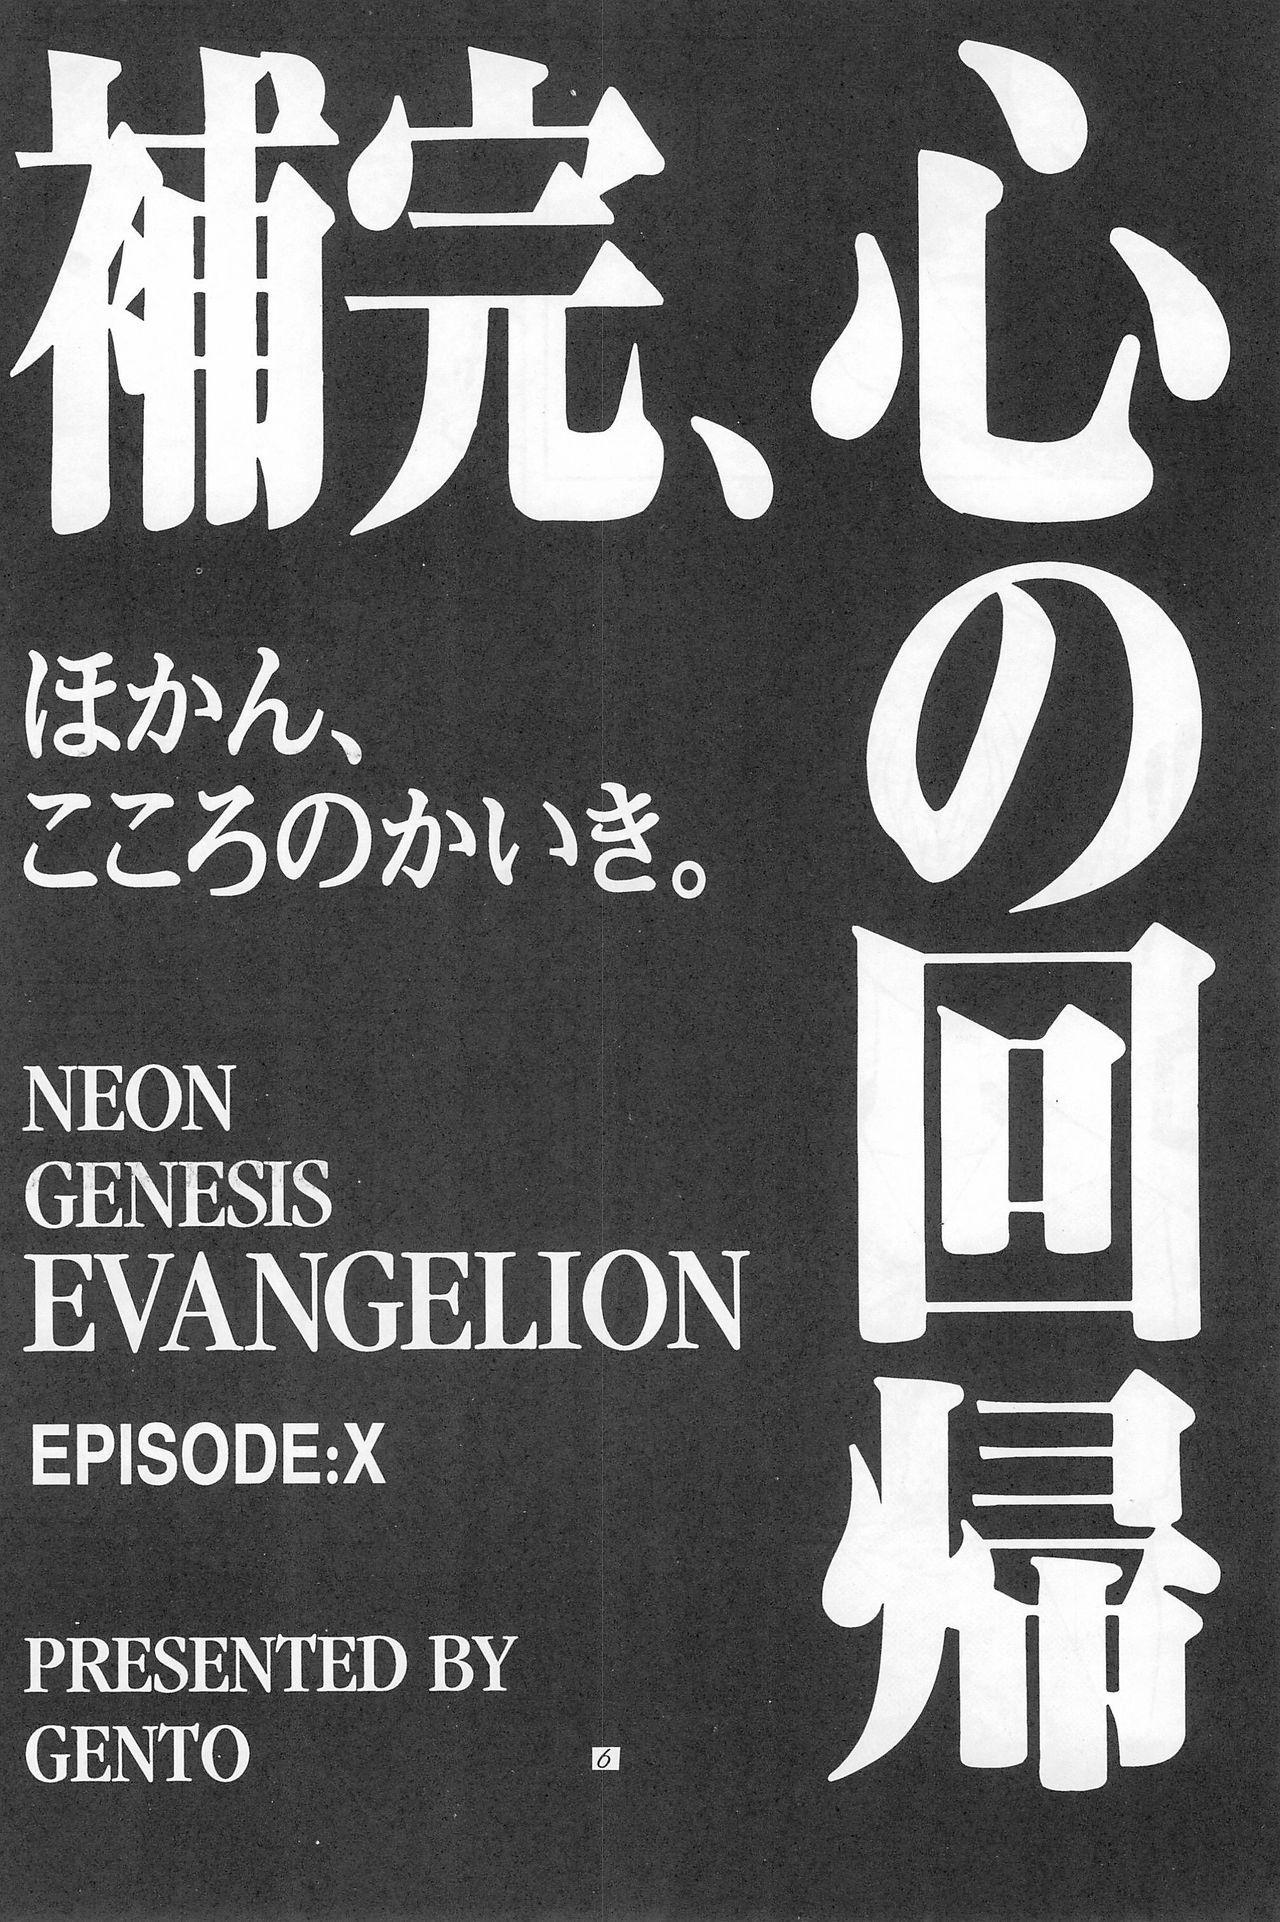 Youseiki Evanlolibon 5